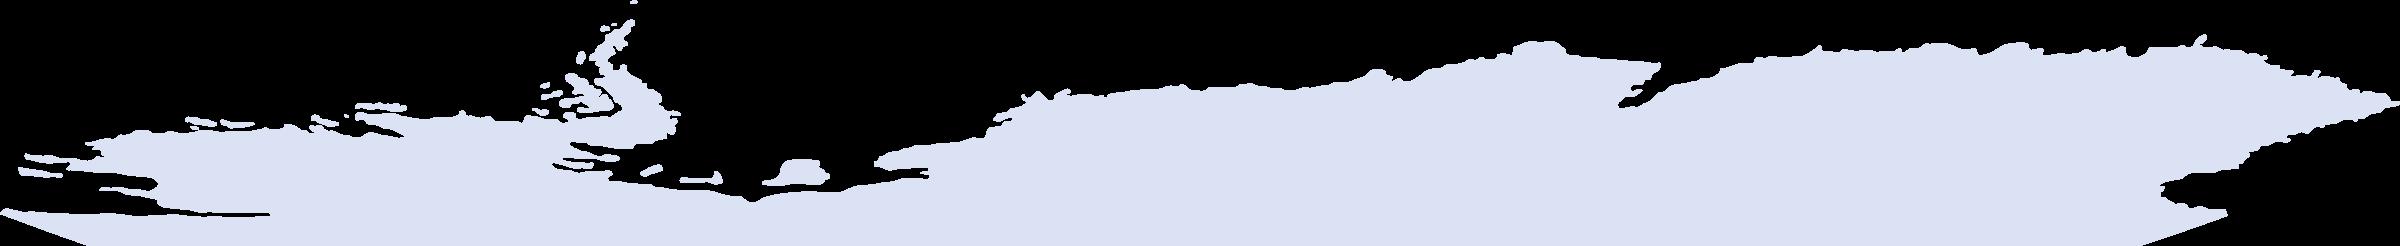 Continent clipart antarctica Antarctica Antarctica continent Clipart continent